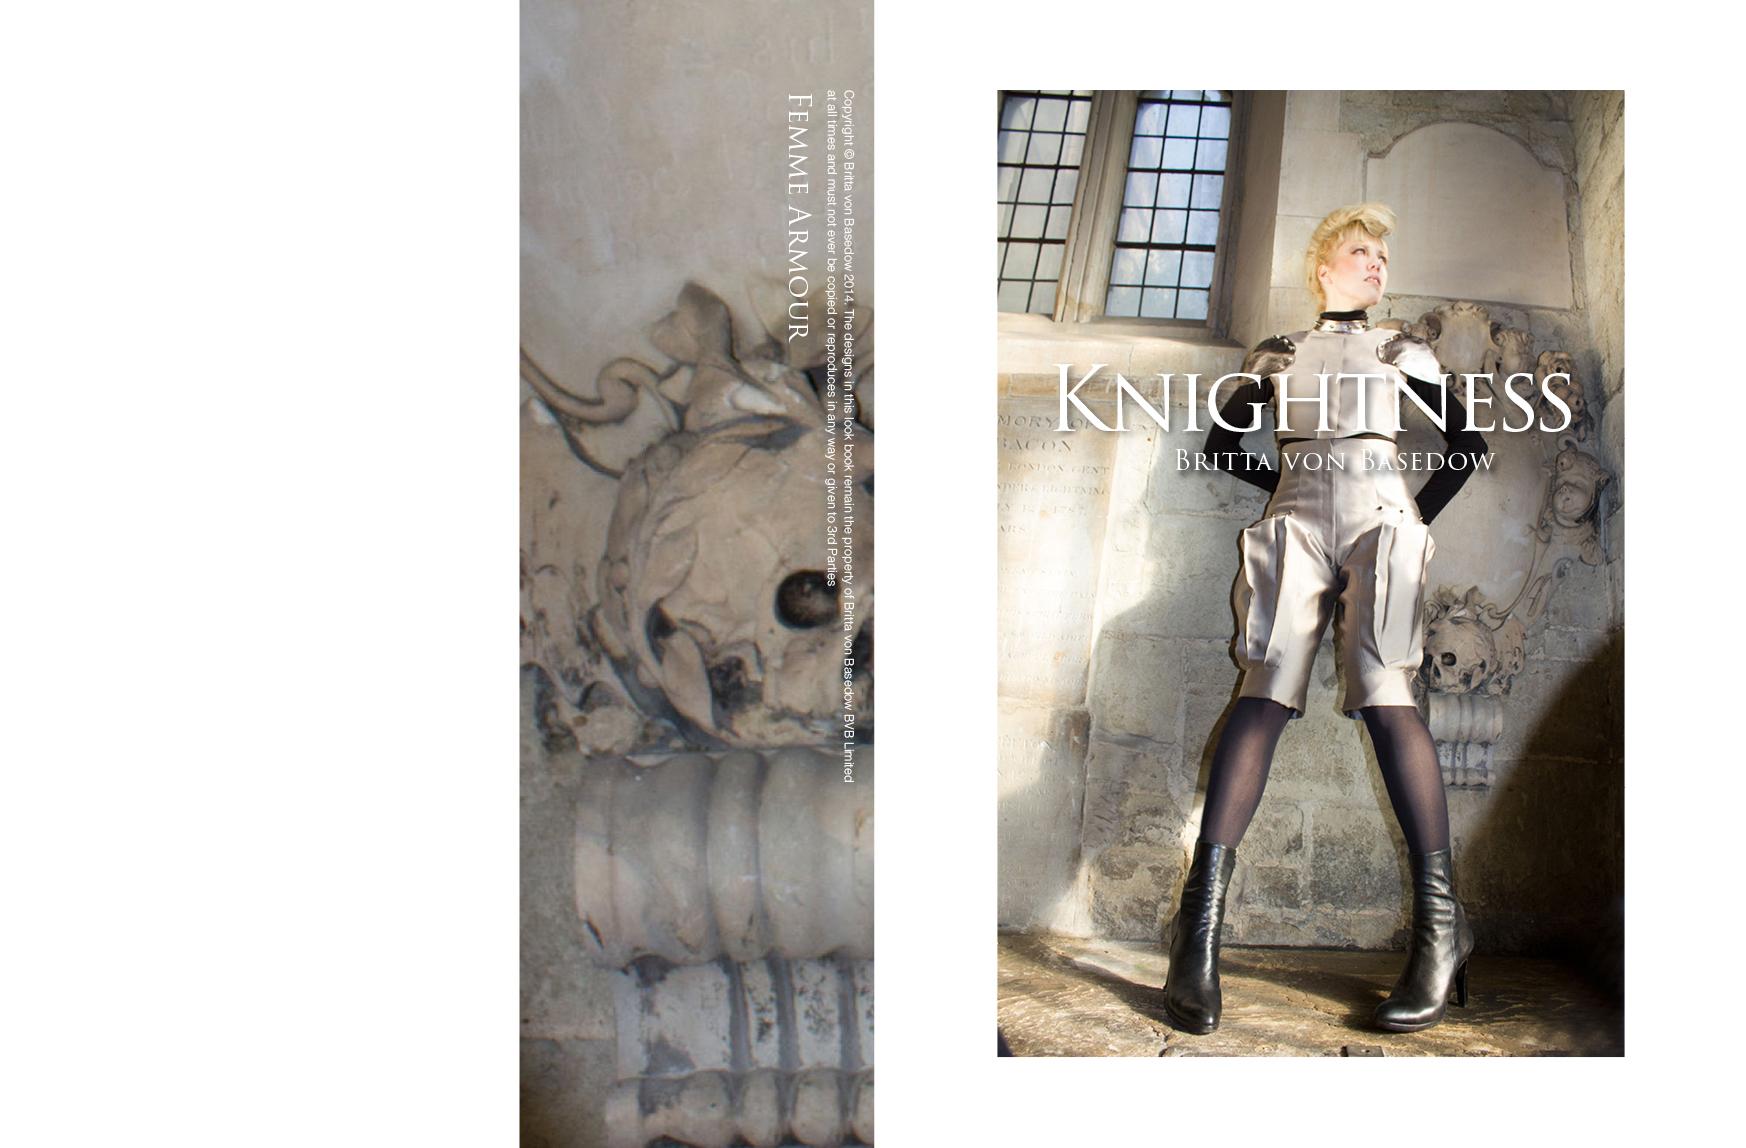 Knightness by Britta von Basedow